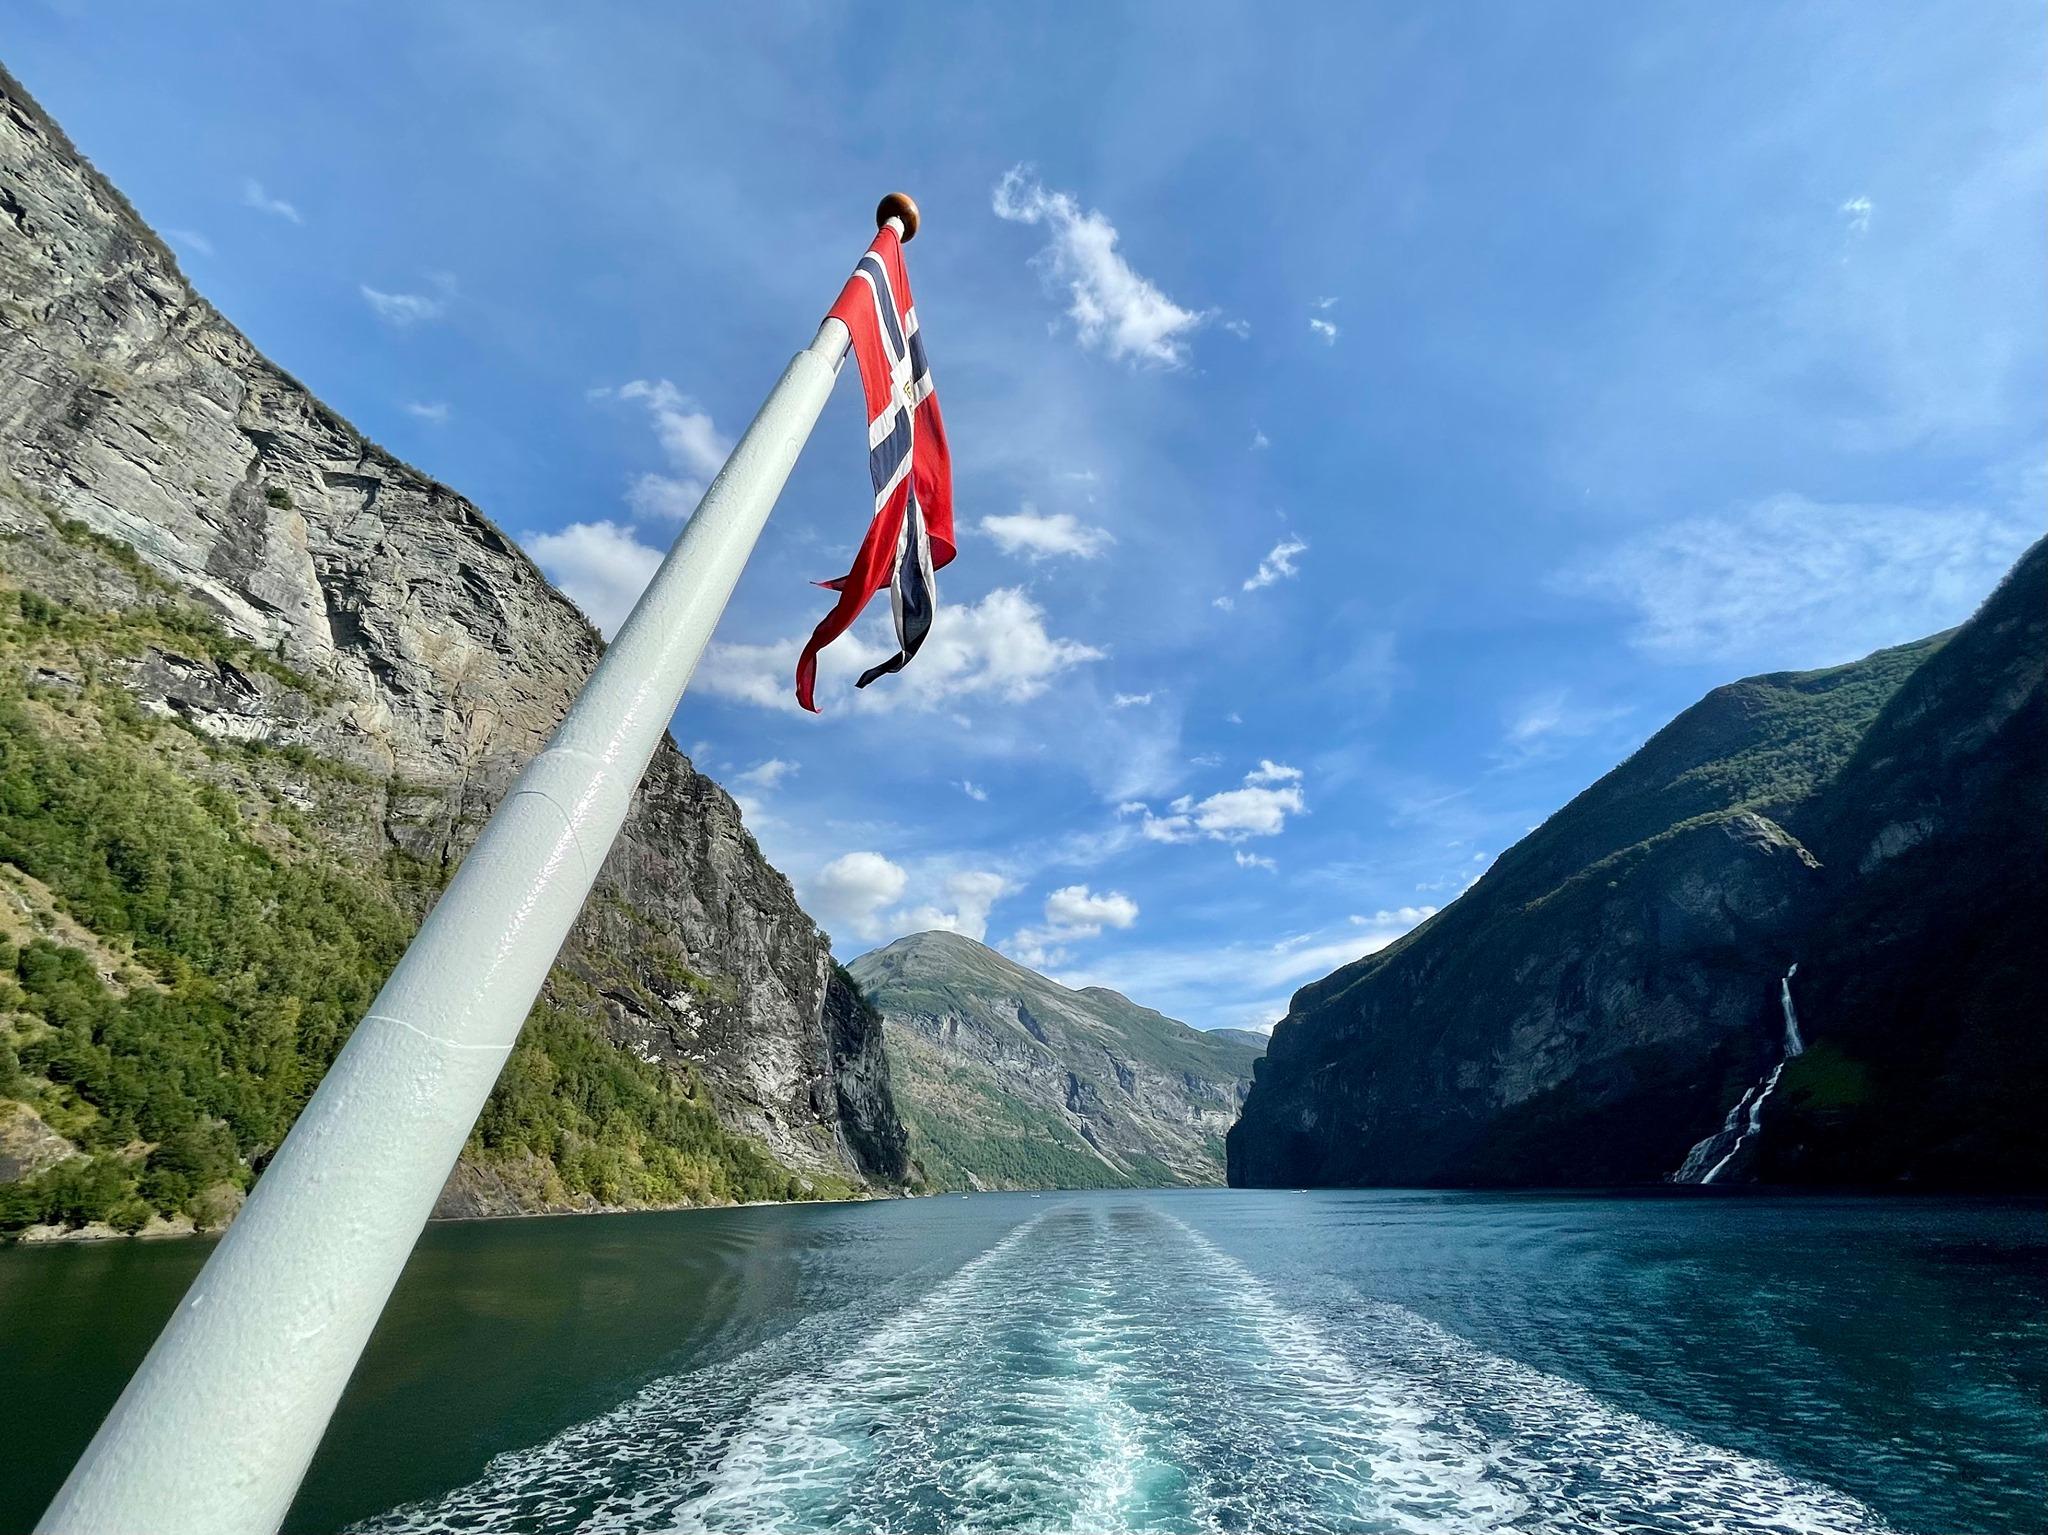 Norge åbner igen sine grænser. Dermed kan alle danskere som udgangspunkt rejse ind i Norge. Foto: Charlotte Beder.